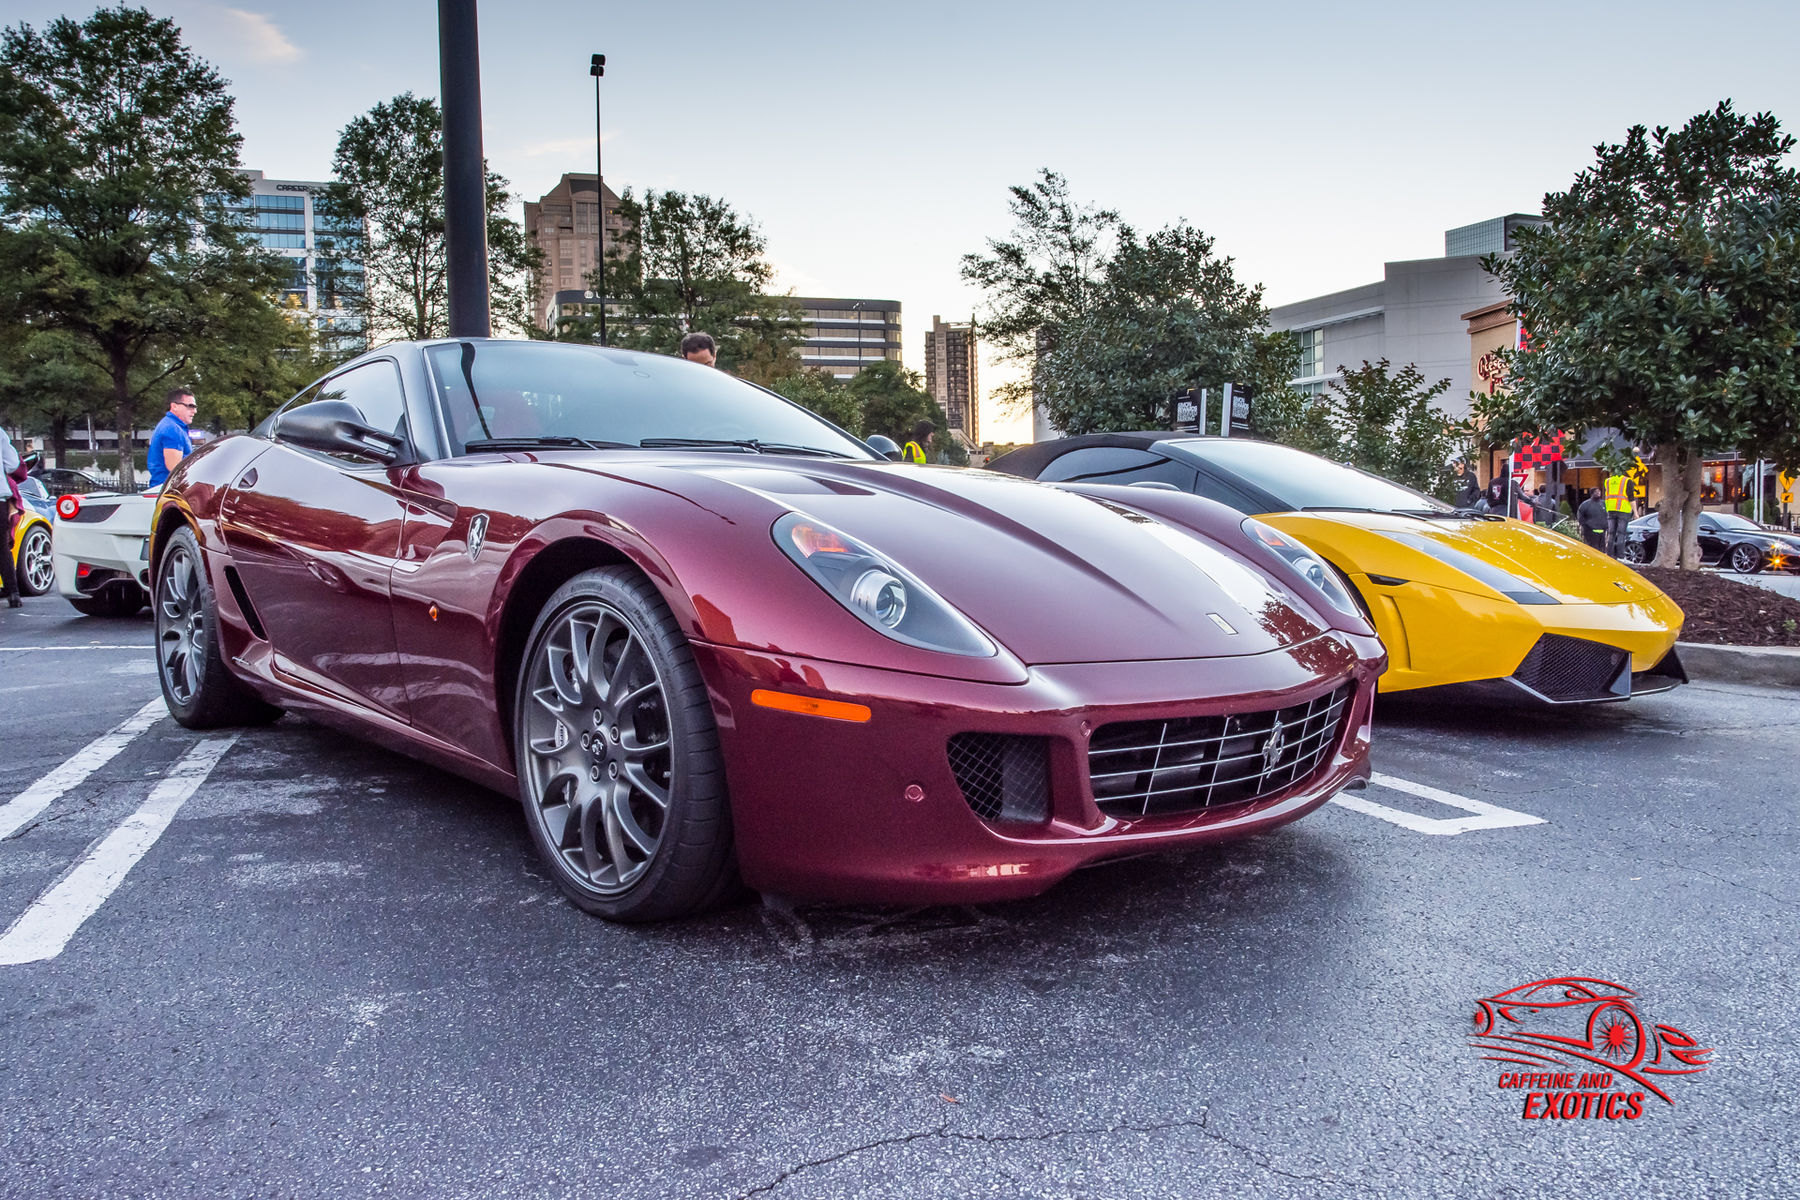 2014 Ferrari 599 | Ferrari 599 GTB - Right Side